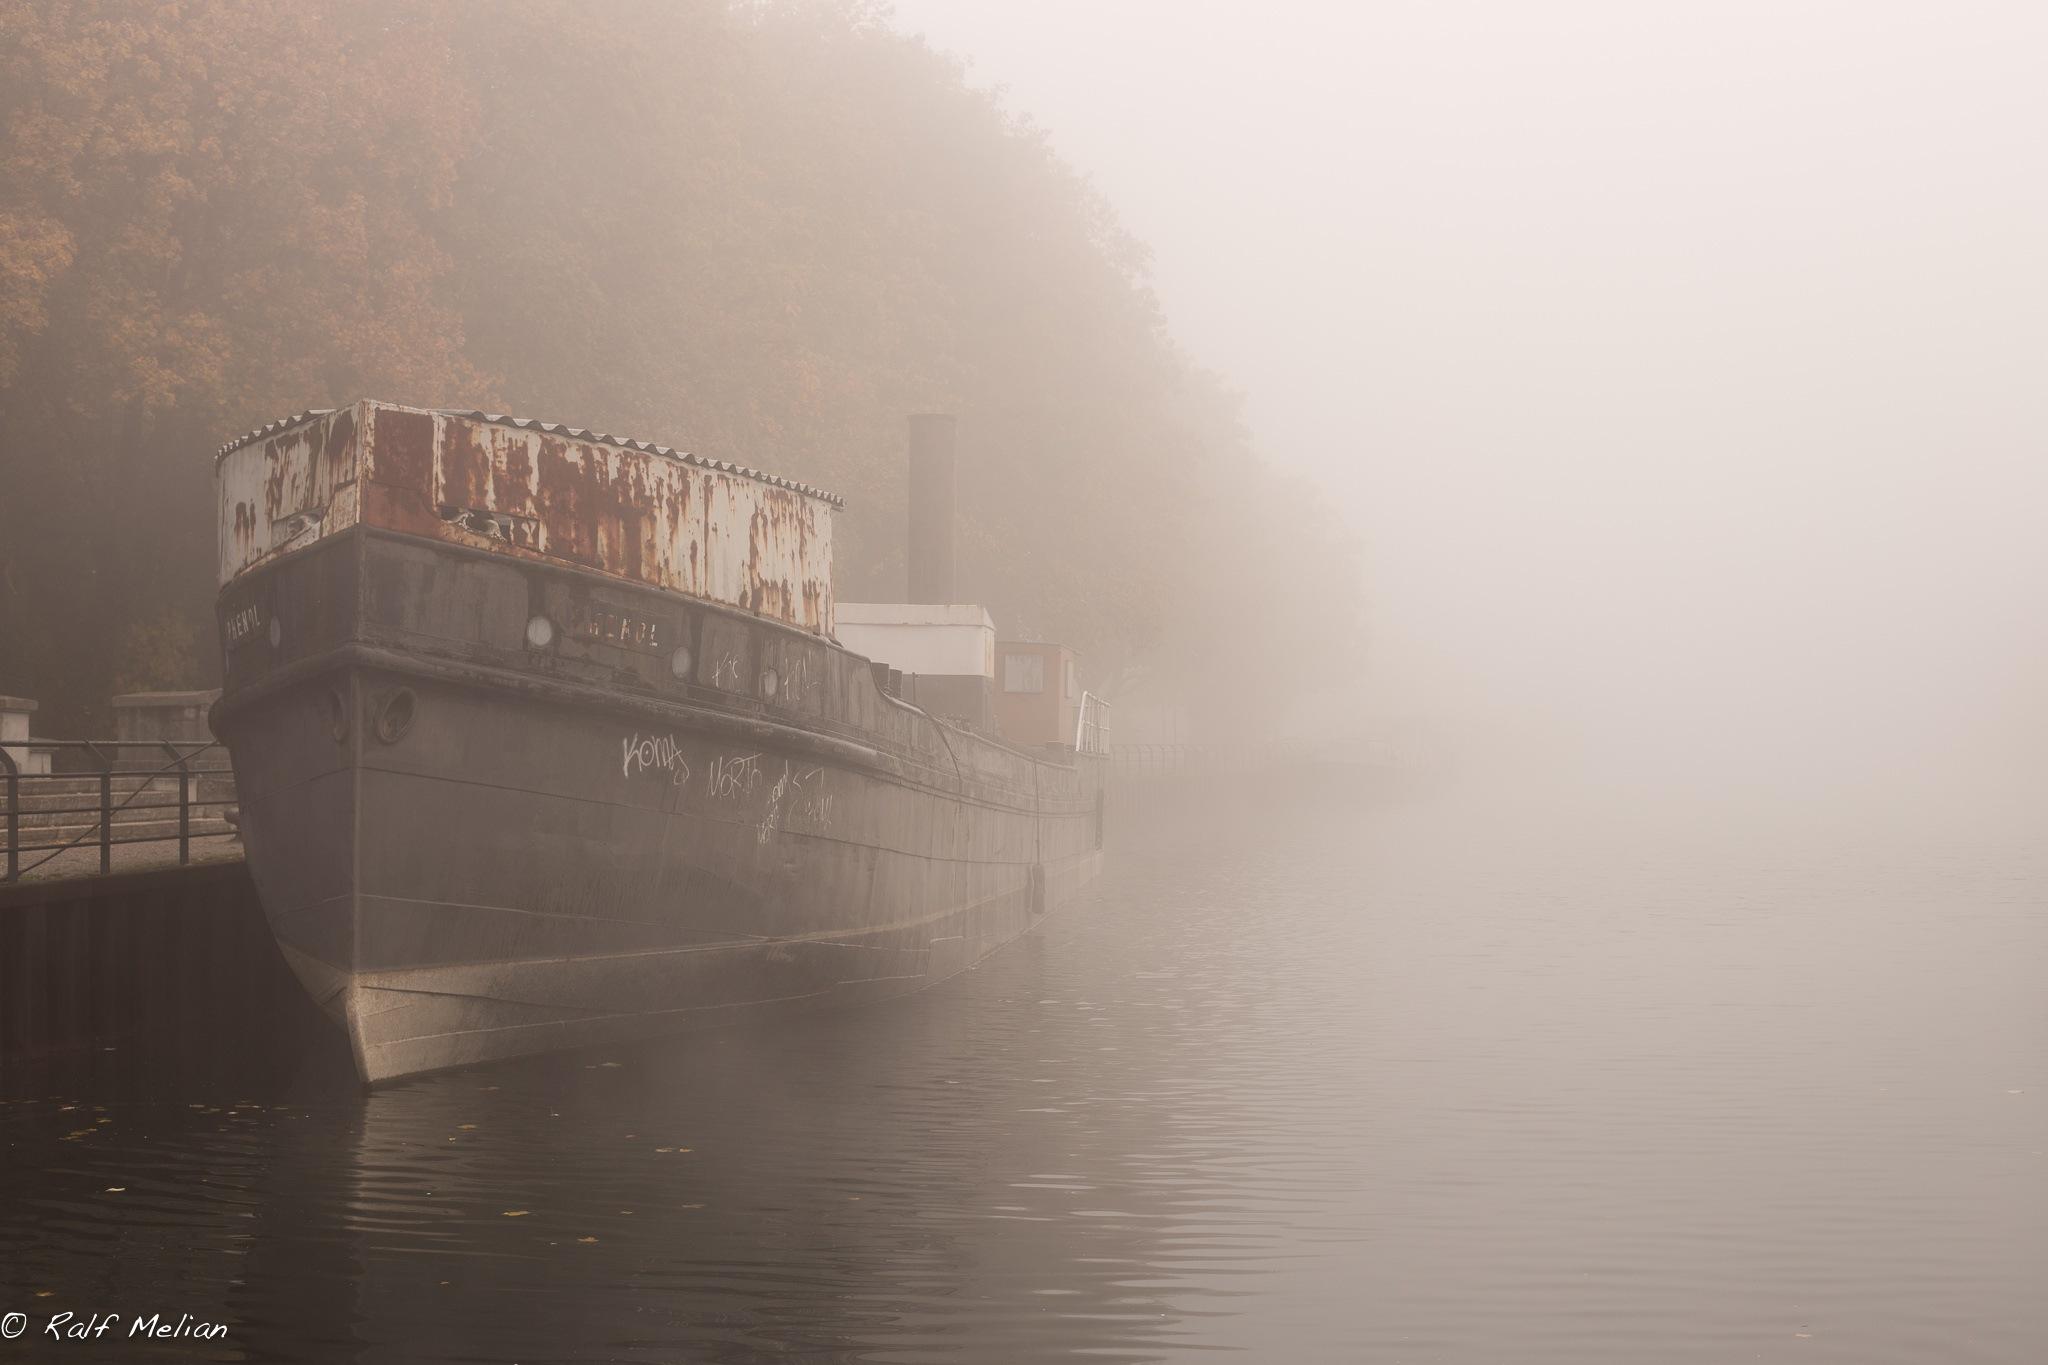 Schiff im Nebel by melianfotografie